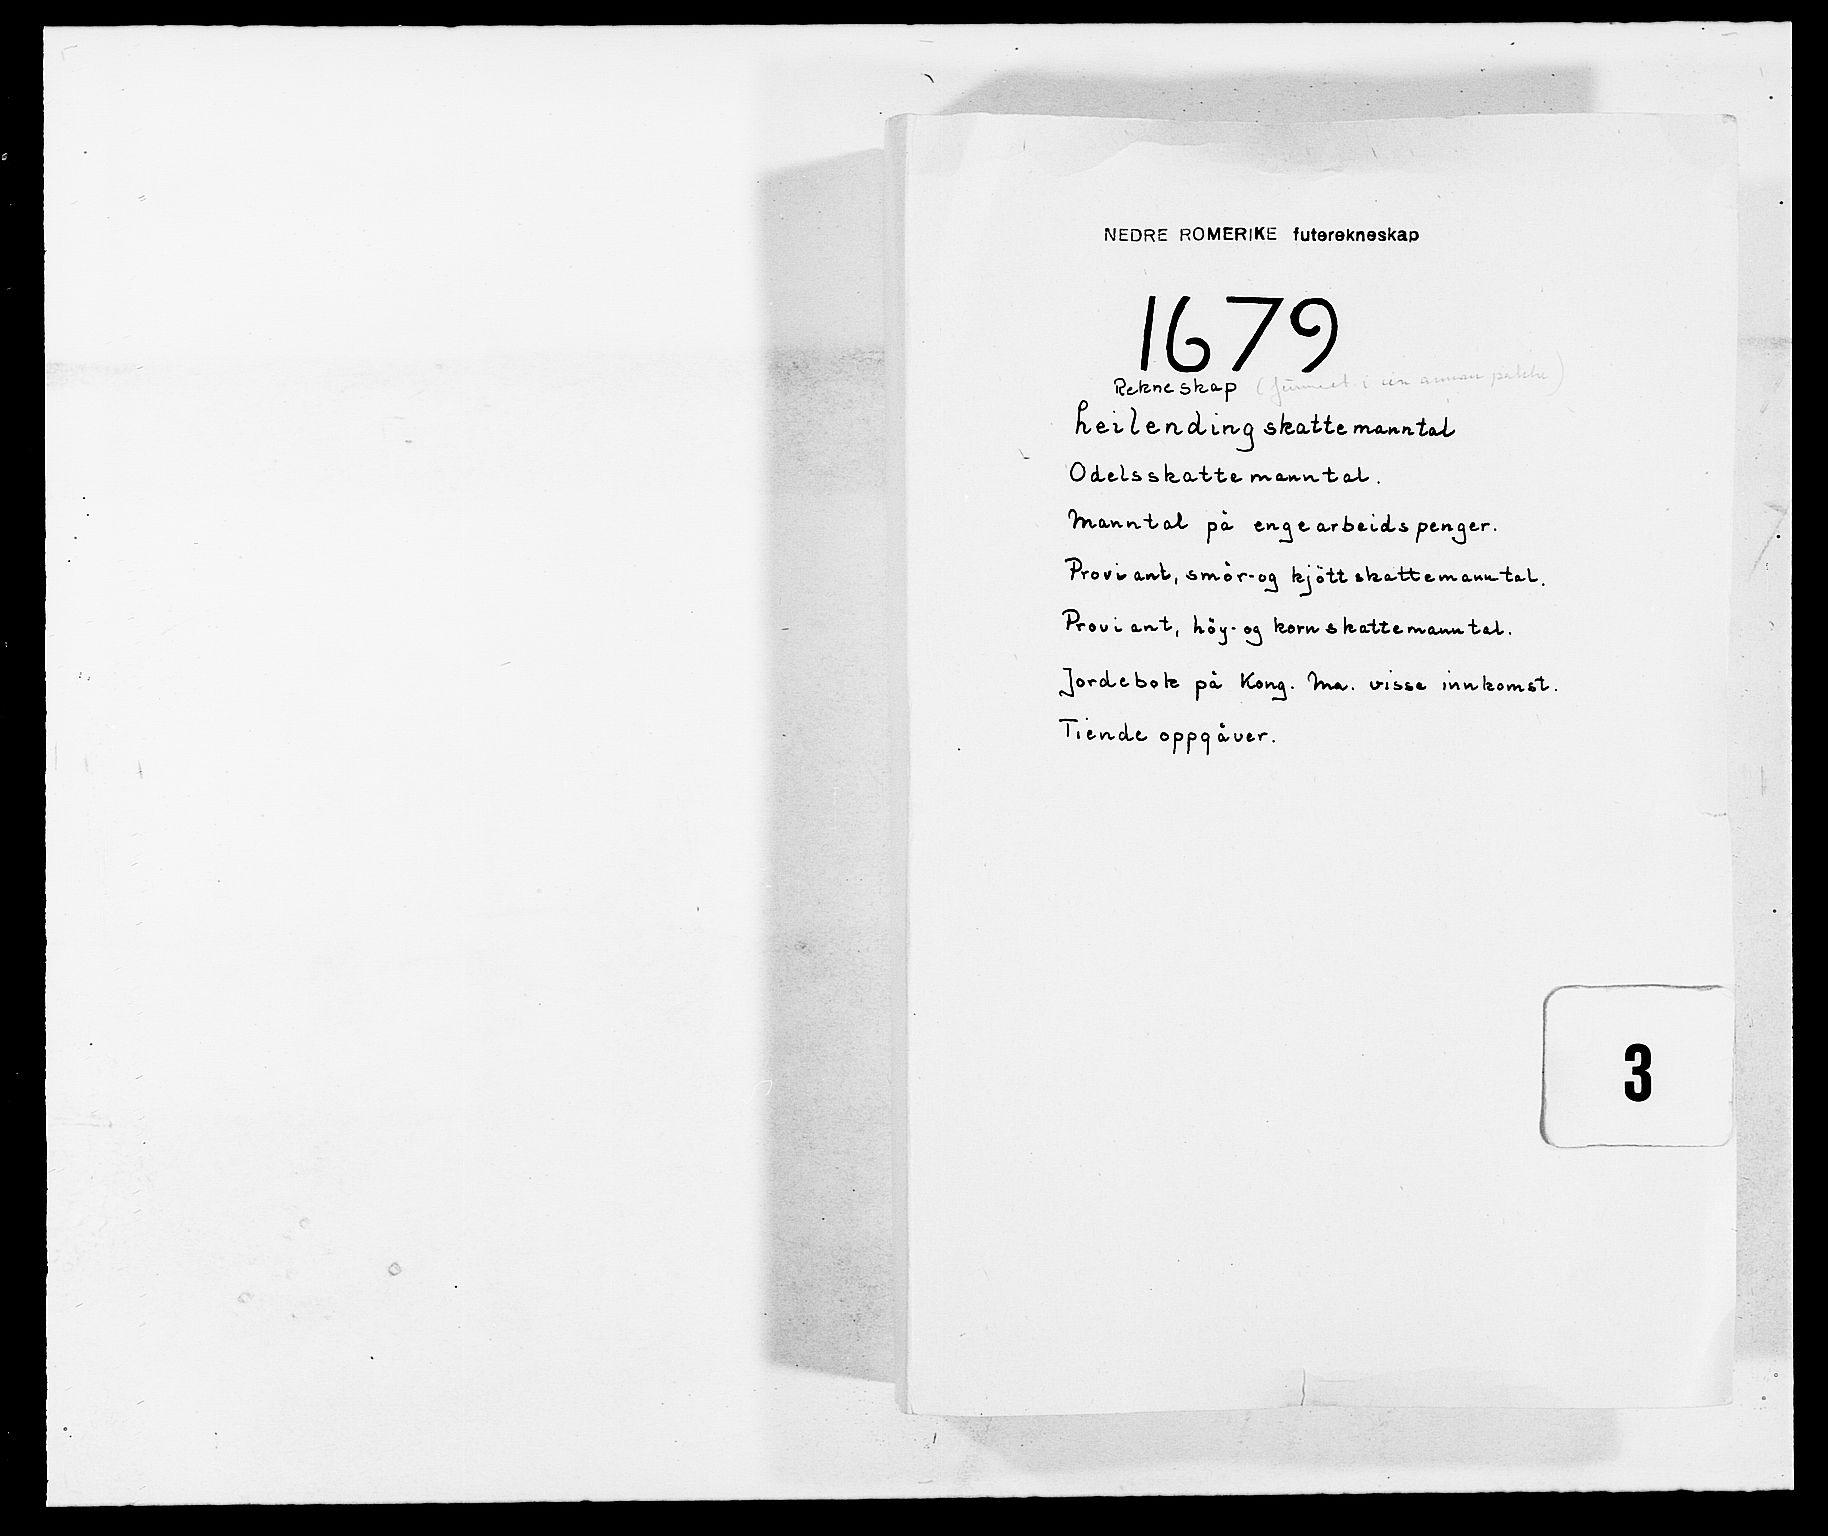 RA, Rentekammeret inntil 1814, Reviderte regnskaper, Fogderegnskap, R11/L0568: Fogderegnskap Nedre Romerike, 1679, s. 1